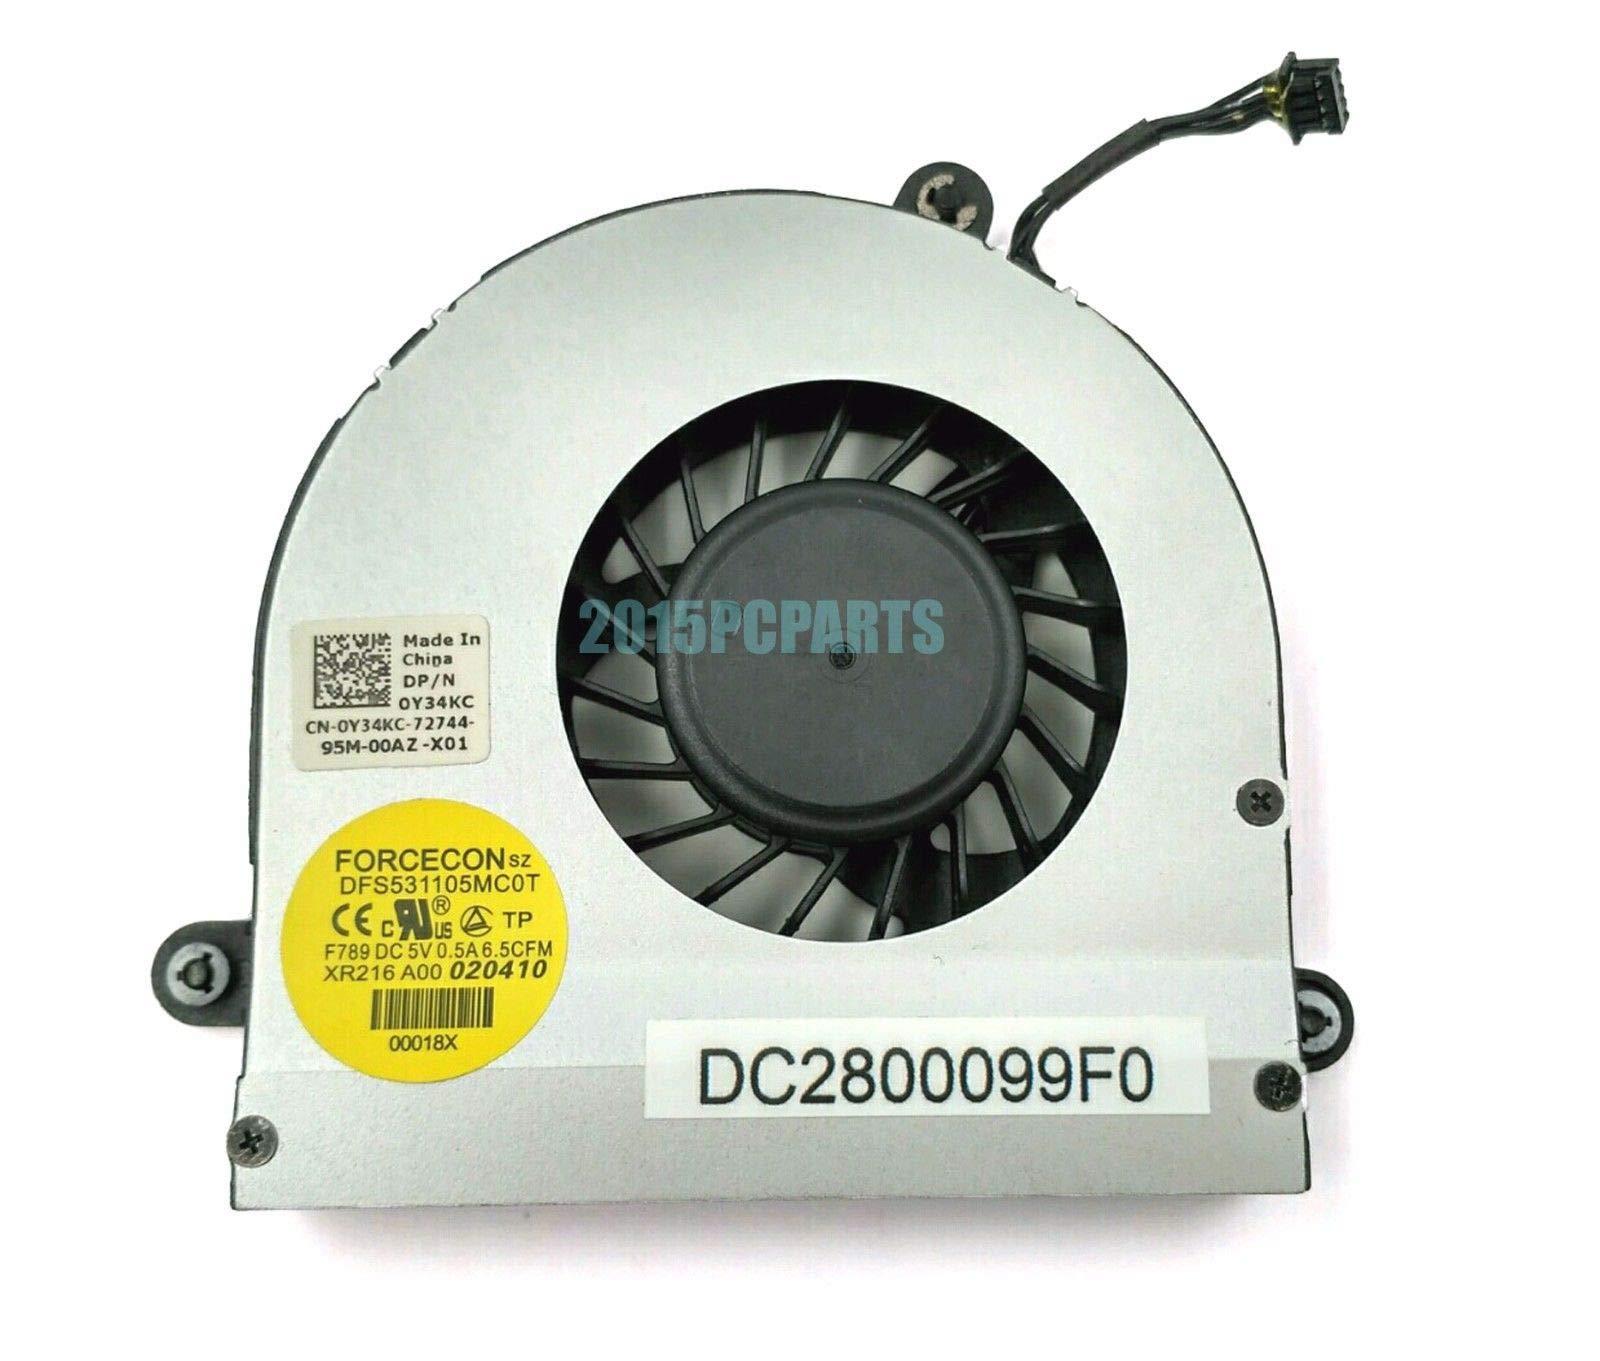 FidgetGear CPU Cooling Fan for DELL Alienware M17x R3 R4 CPU Cooling Fan DC28000CMF0 DC2800099F0 by FidgetGear